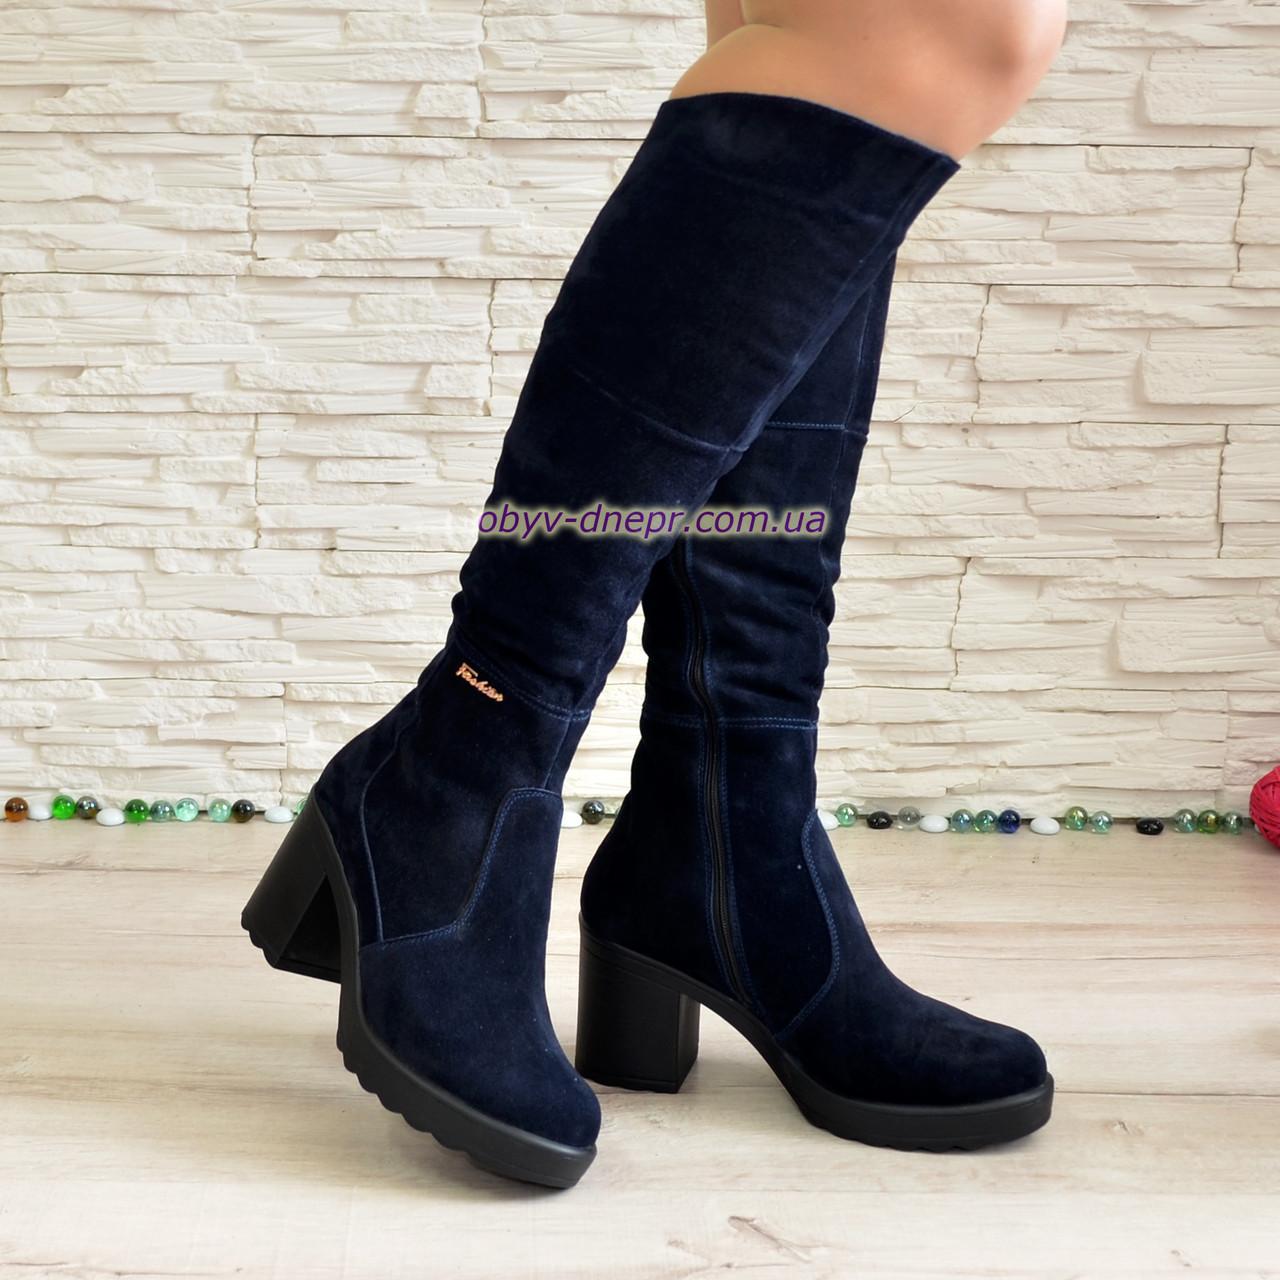 Женские зимние ботфорты на устойчивом каблуке, из натуральной замши